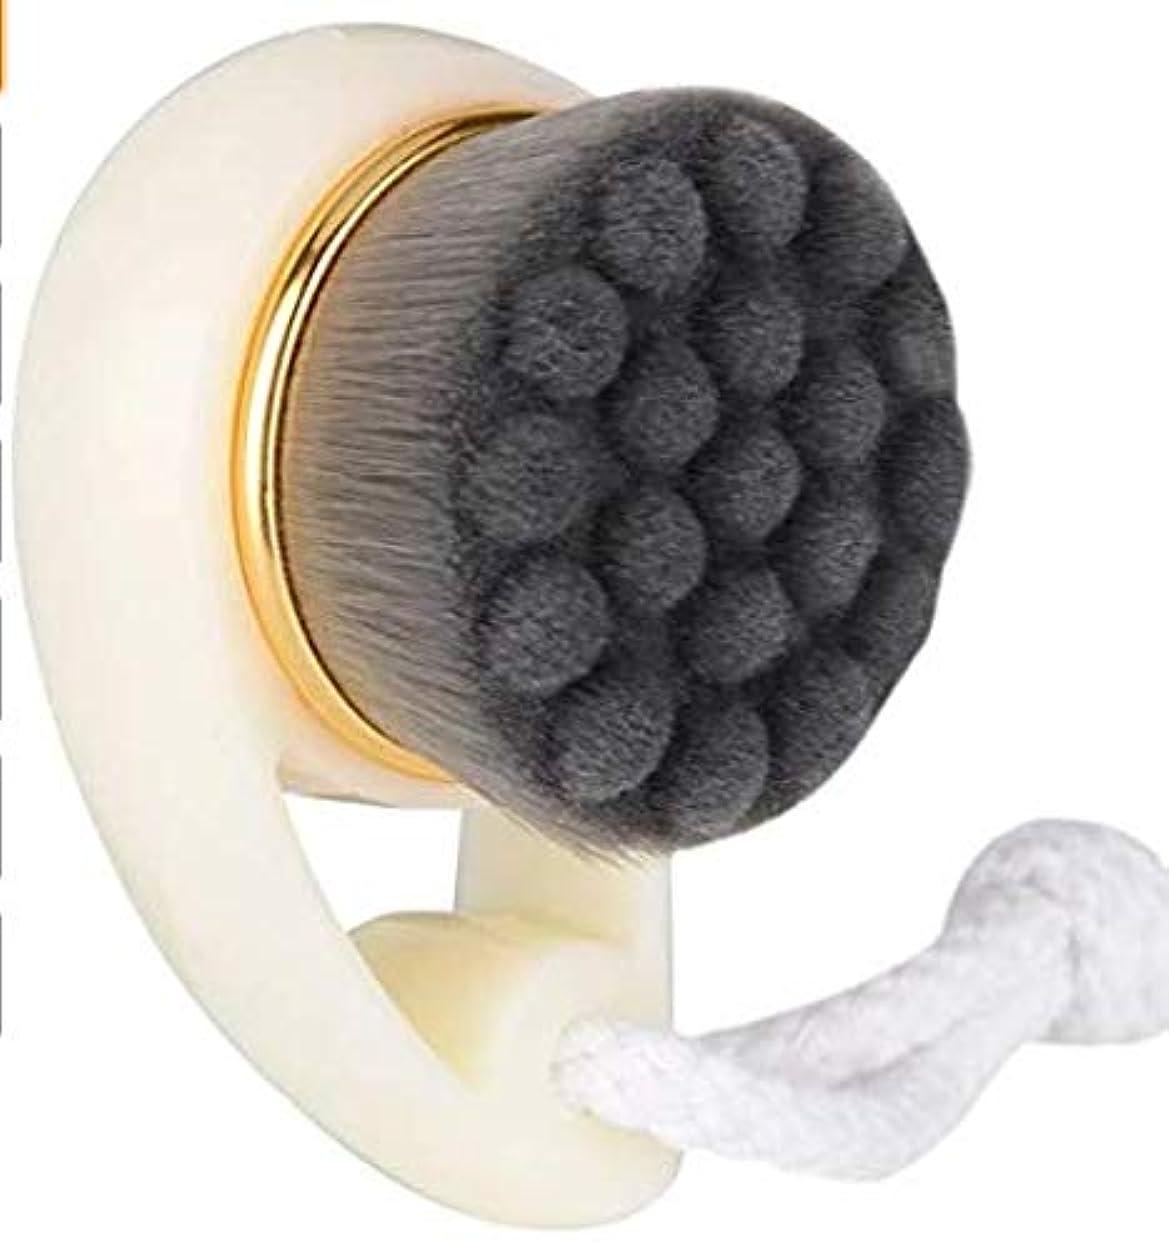 難破船信頼ほめる化粧ブラシ、手動毛穴、マッサージ、美容製品、美容製品、にきび毛穴、きれいな肌、毛穴